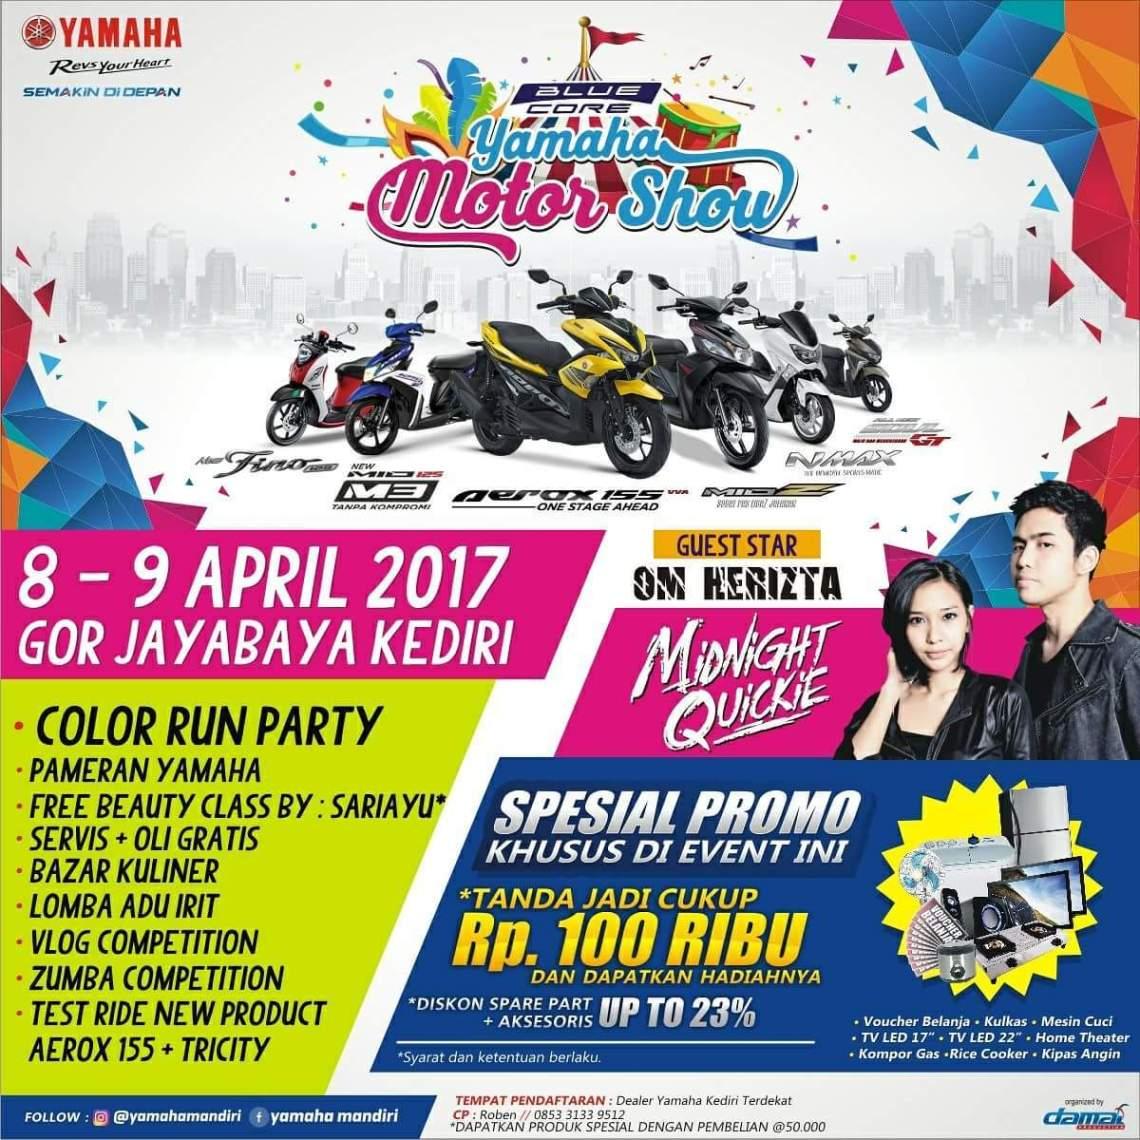 Jangan Lupa Merapat, Hari Ini & Besok ada Blue Core Yamaha Motor Show di GOR Jayabaya Kediri!.jpg